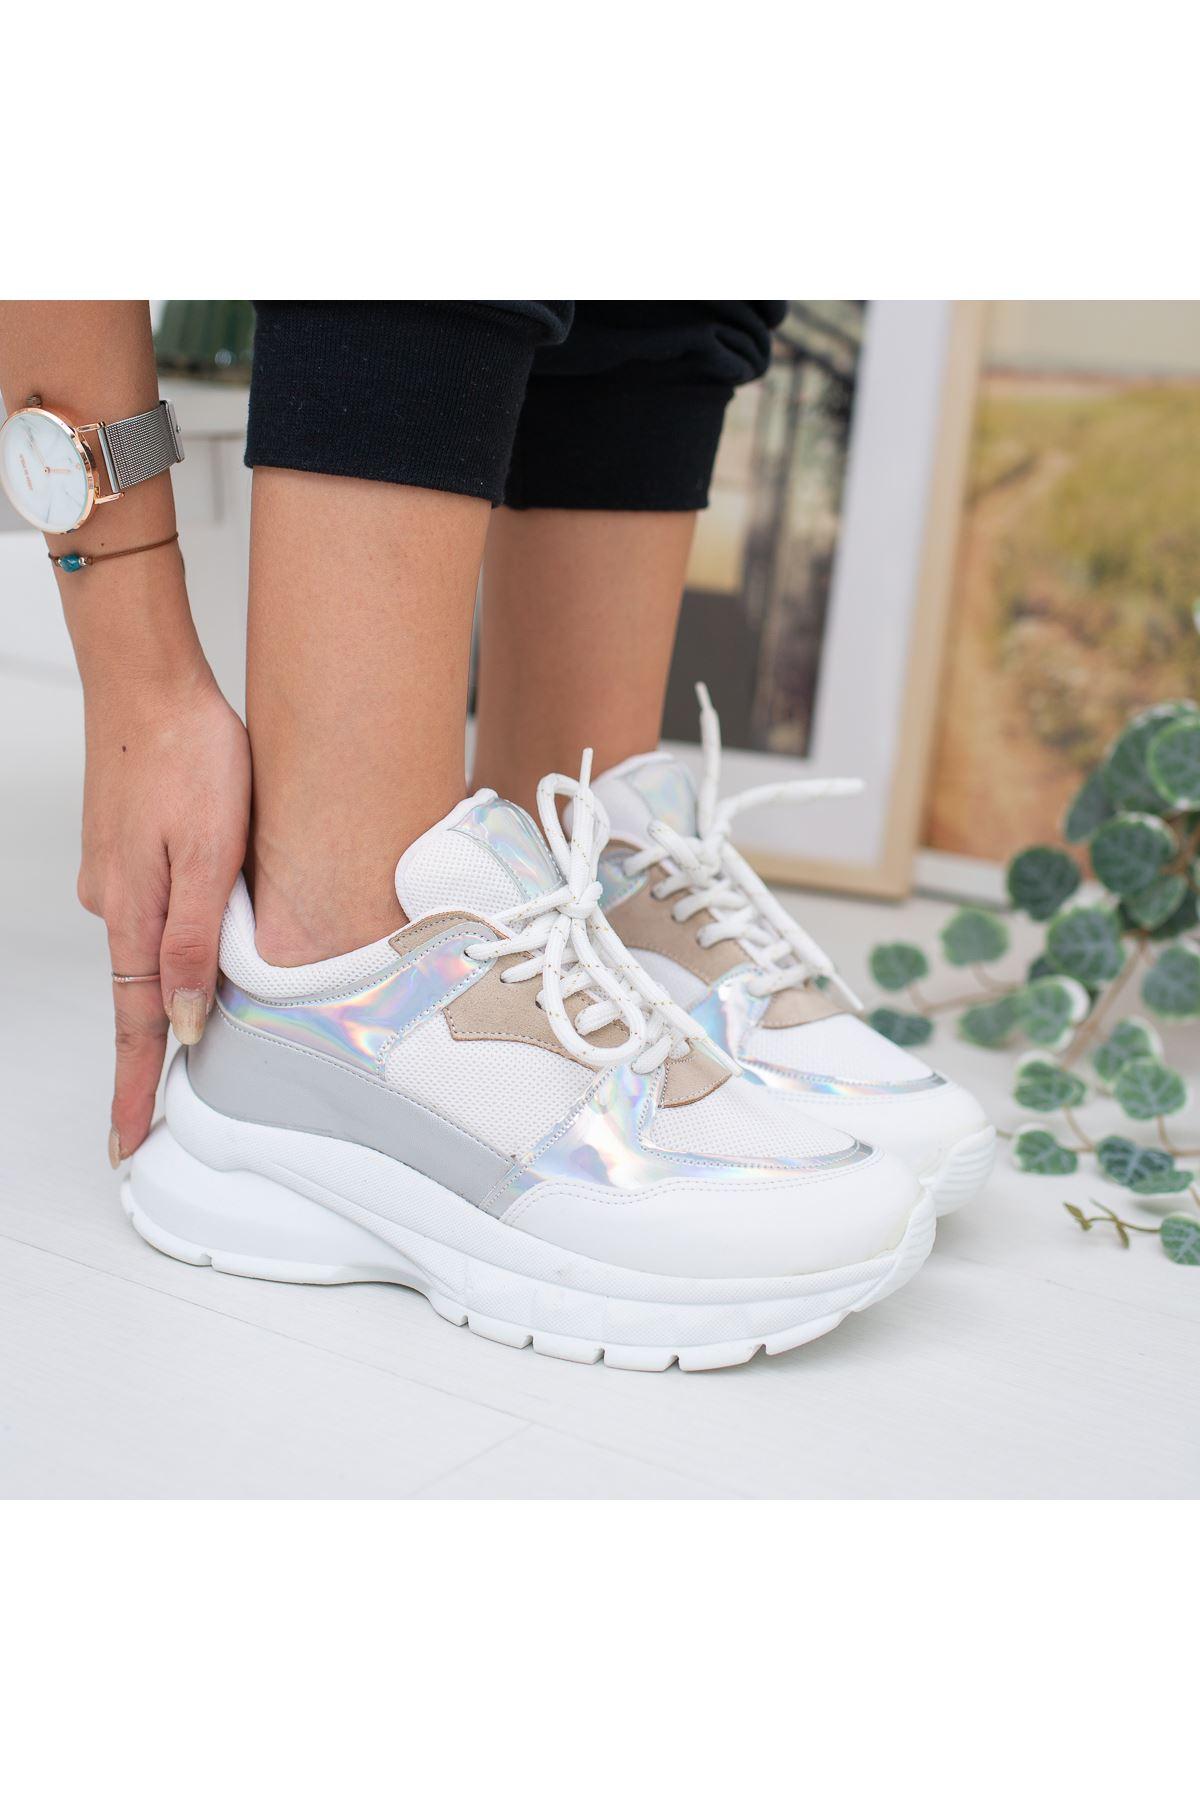 Lezan Beyaz Gri Hologram Bayan Spor Ayakkabı